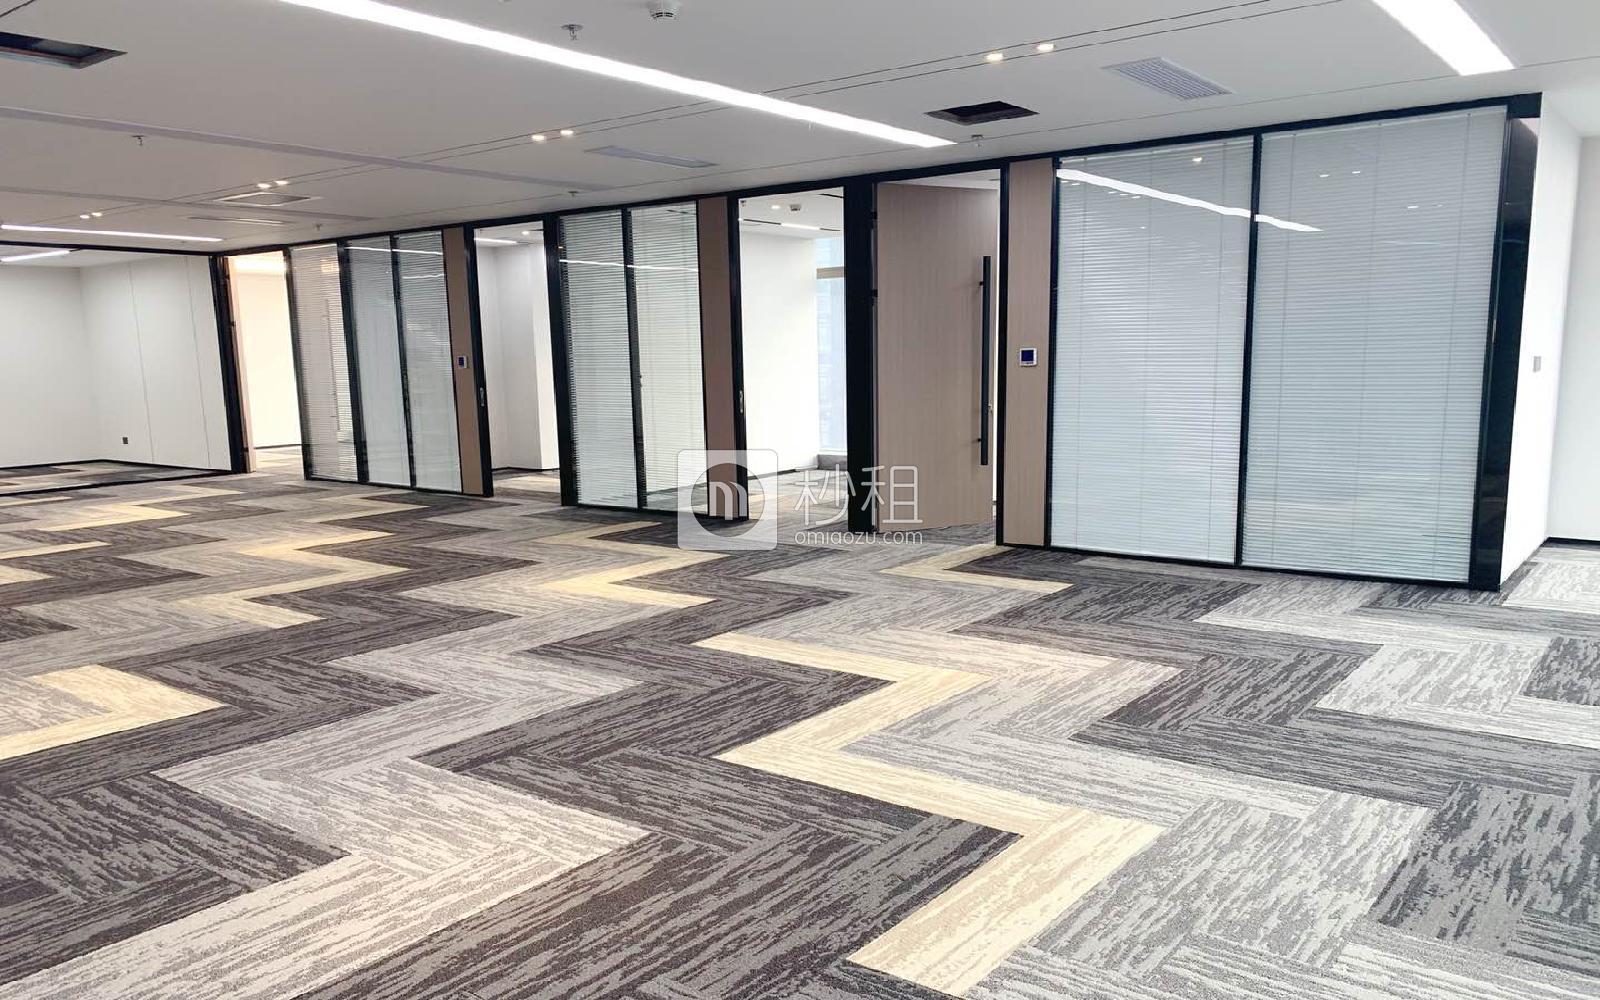 南山-科技园 豪威科技大厦 480m²